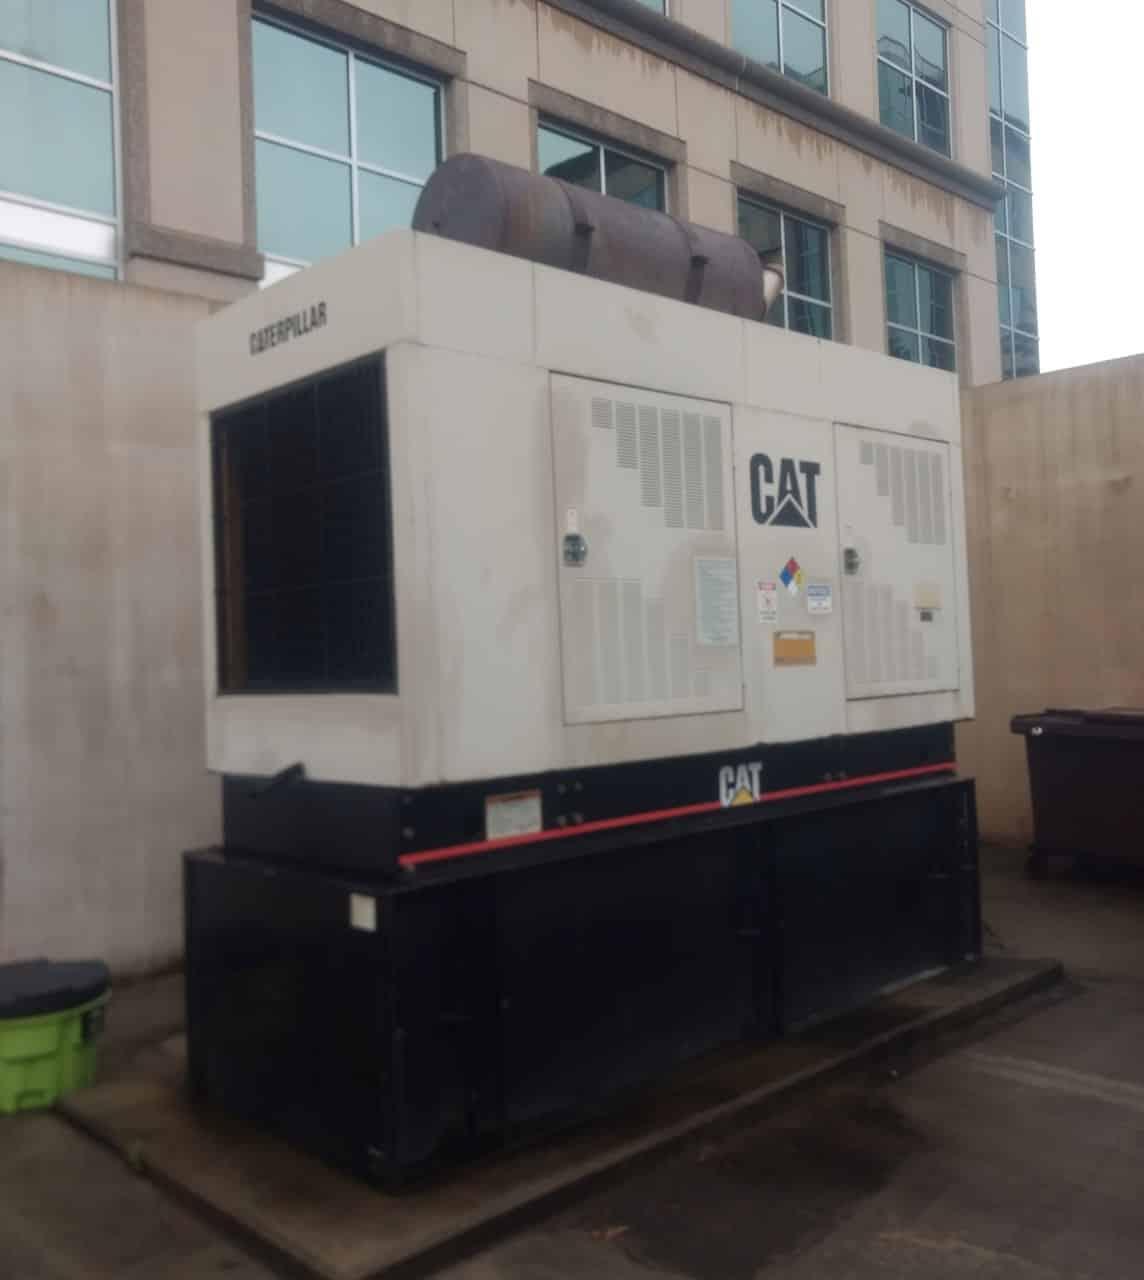 Used 400 kW CAT 3406 Diesel Generator – SOLD!